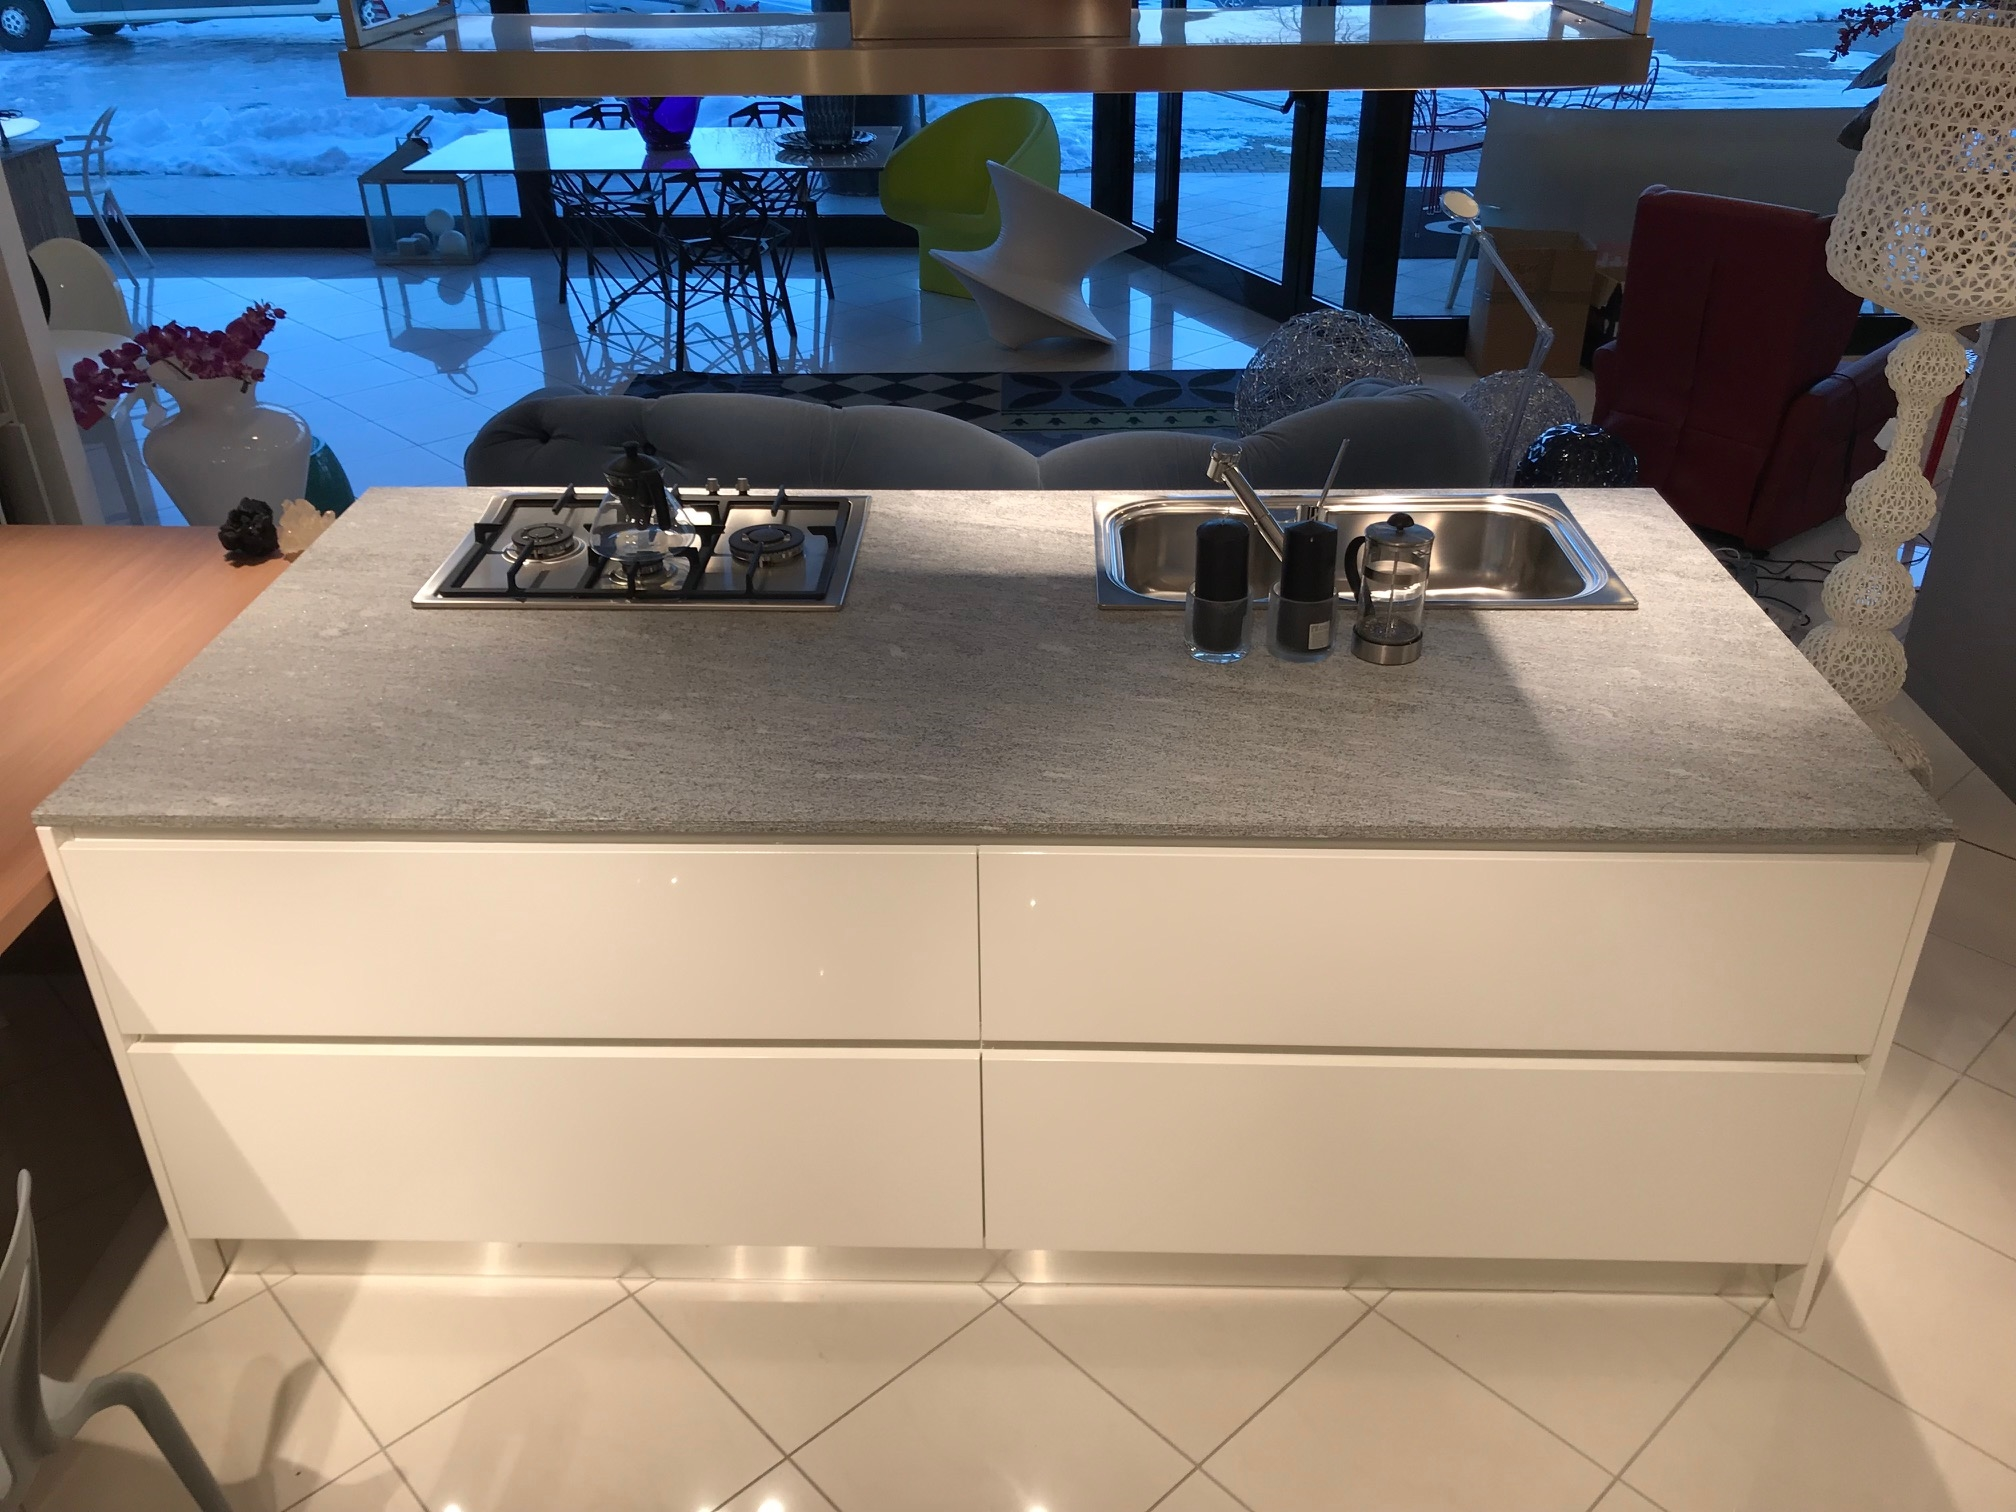 Cucina rb rossana modello devon cucine a prezzi scontati - Rossana cucine prezzi ...